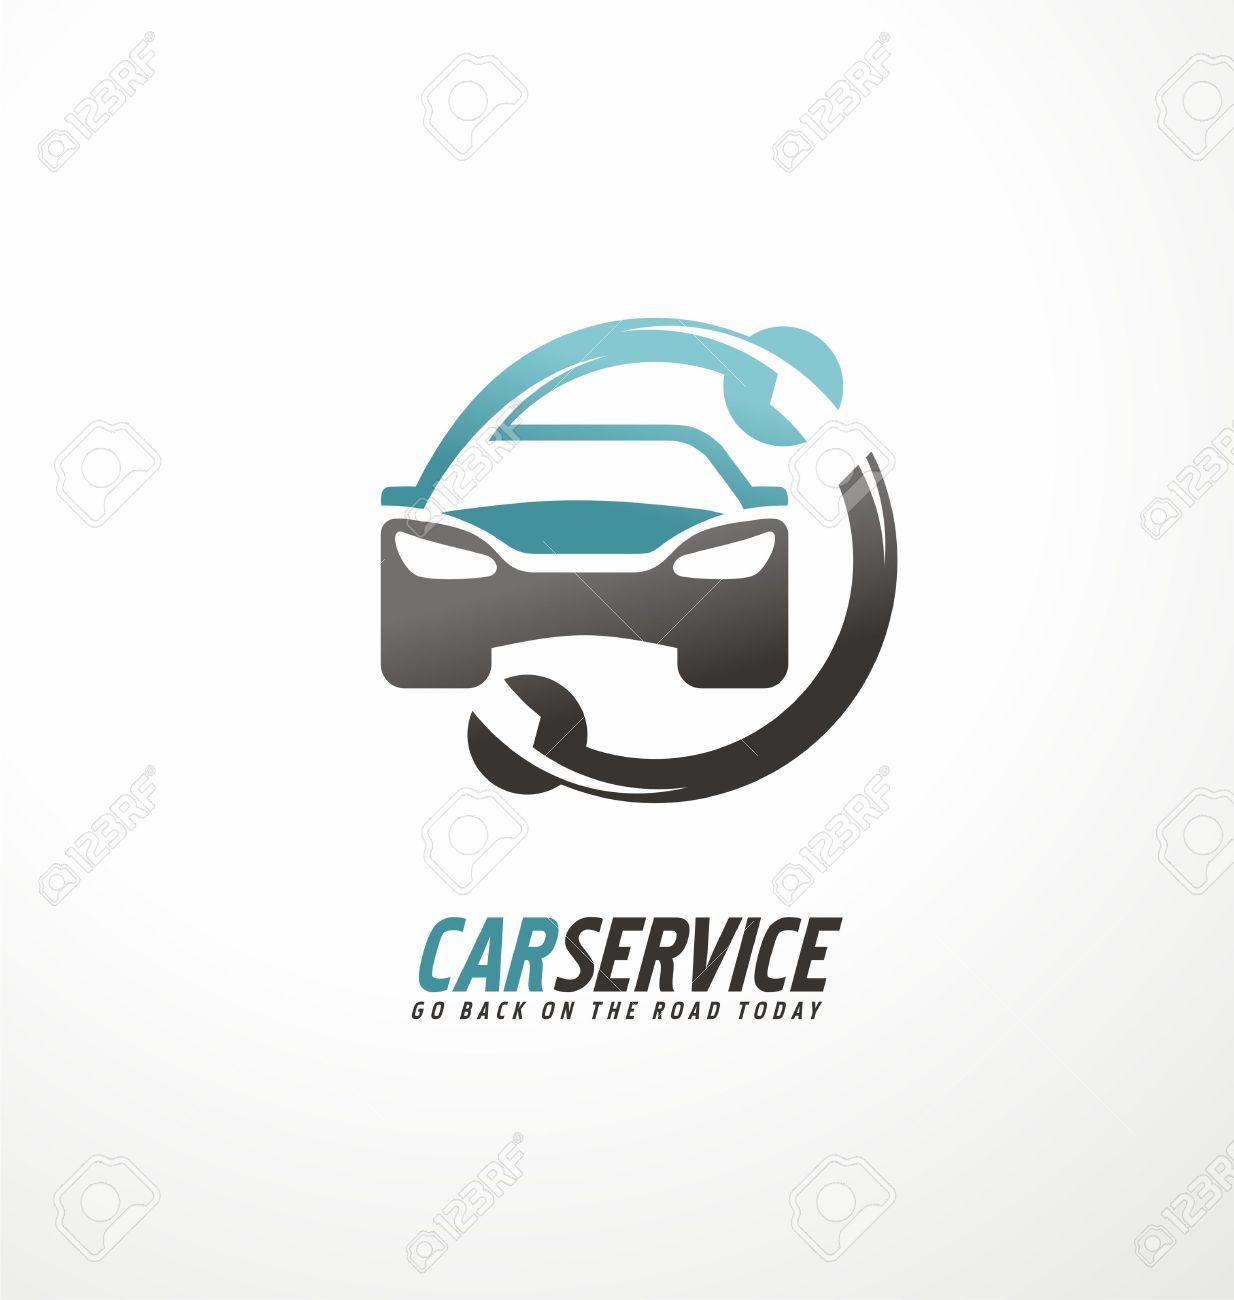 Car abstract vector design concept - 55265049